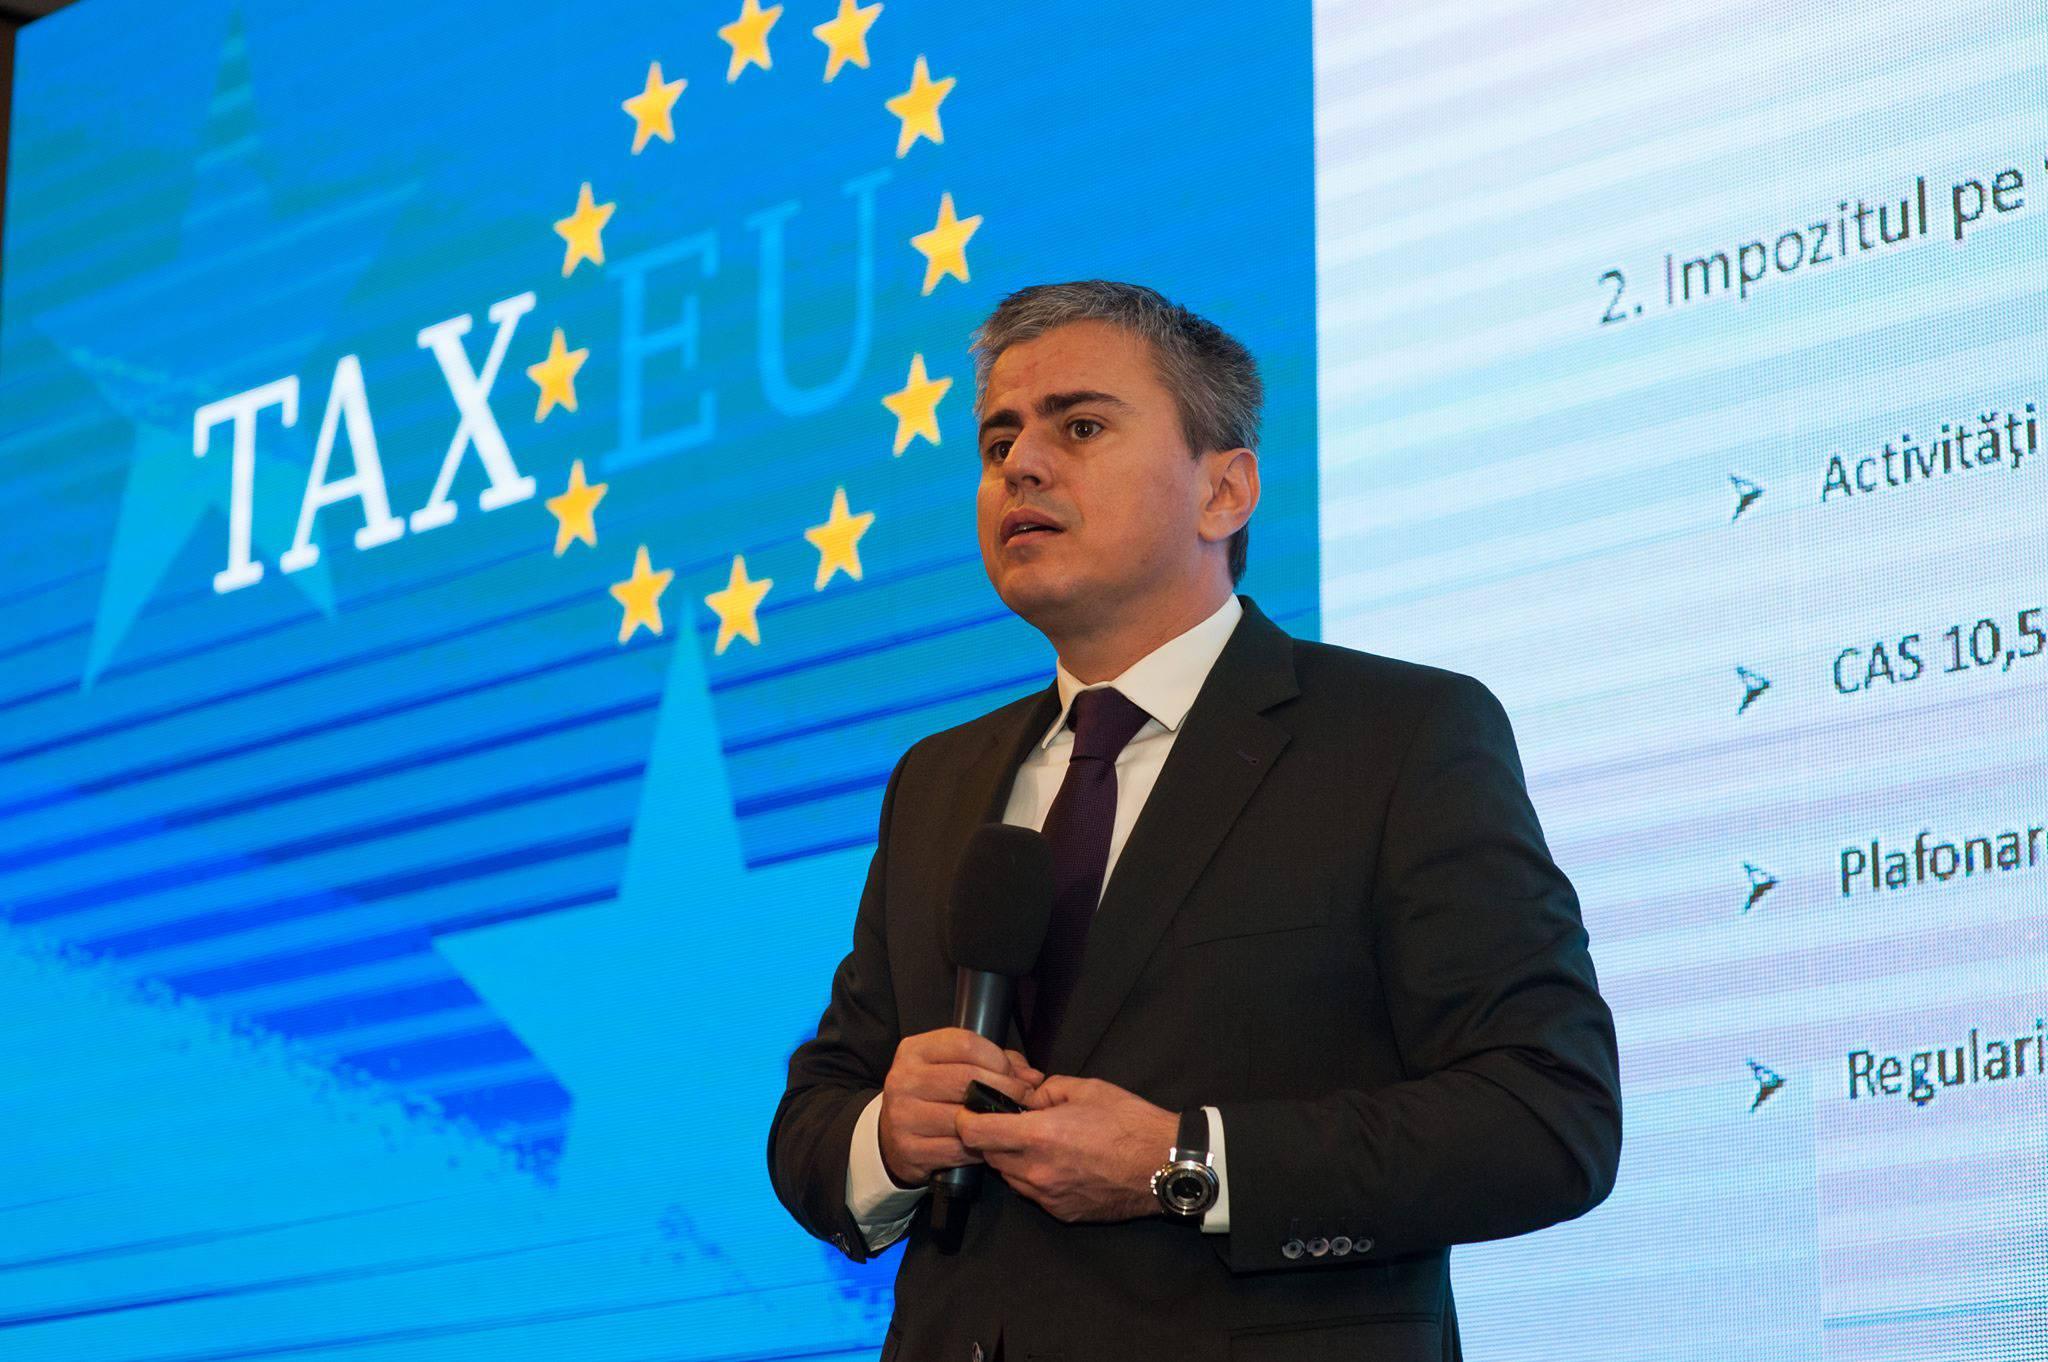 Scandalul dublarii CAS-ului pentru angajati. Gabriel Biris, secretar de stat in Ministerul Finantelor, a demisionat